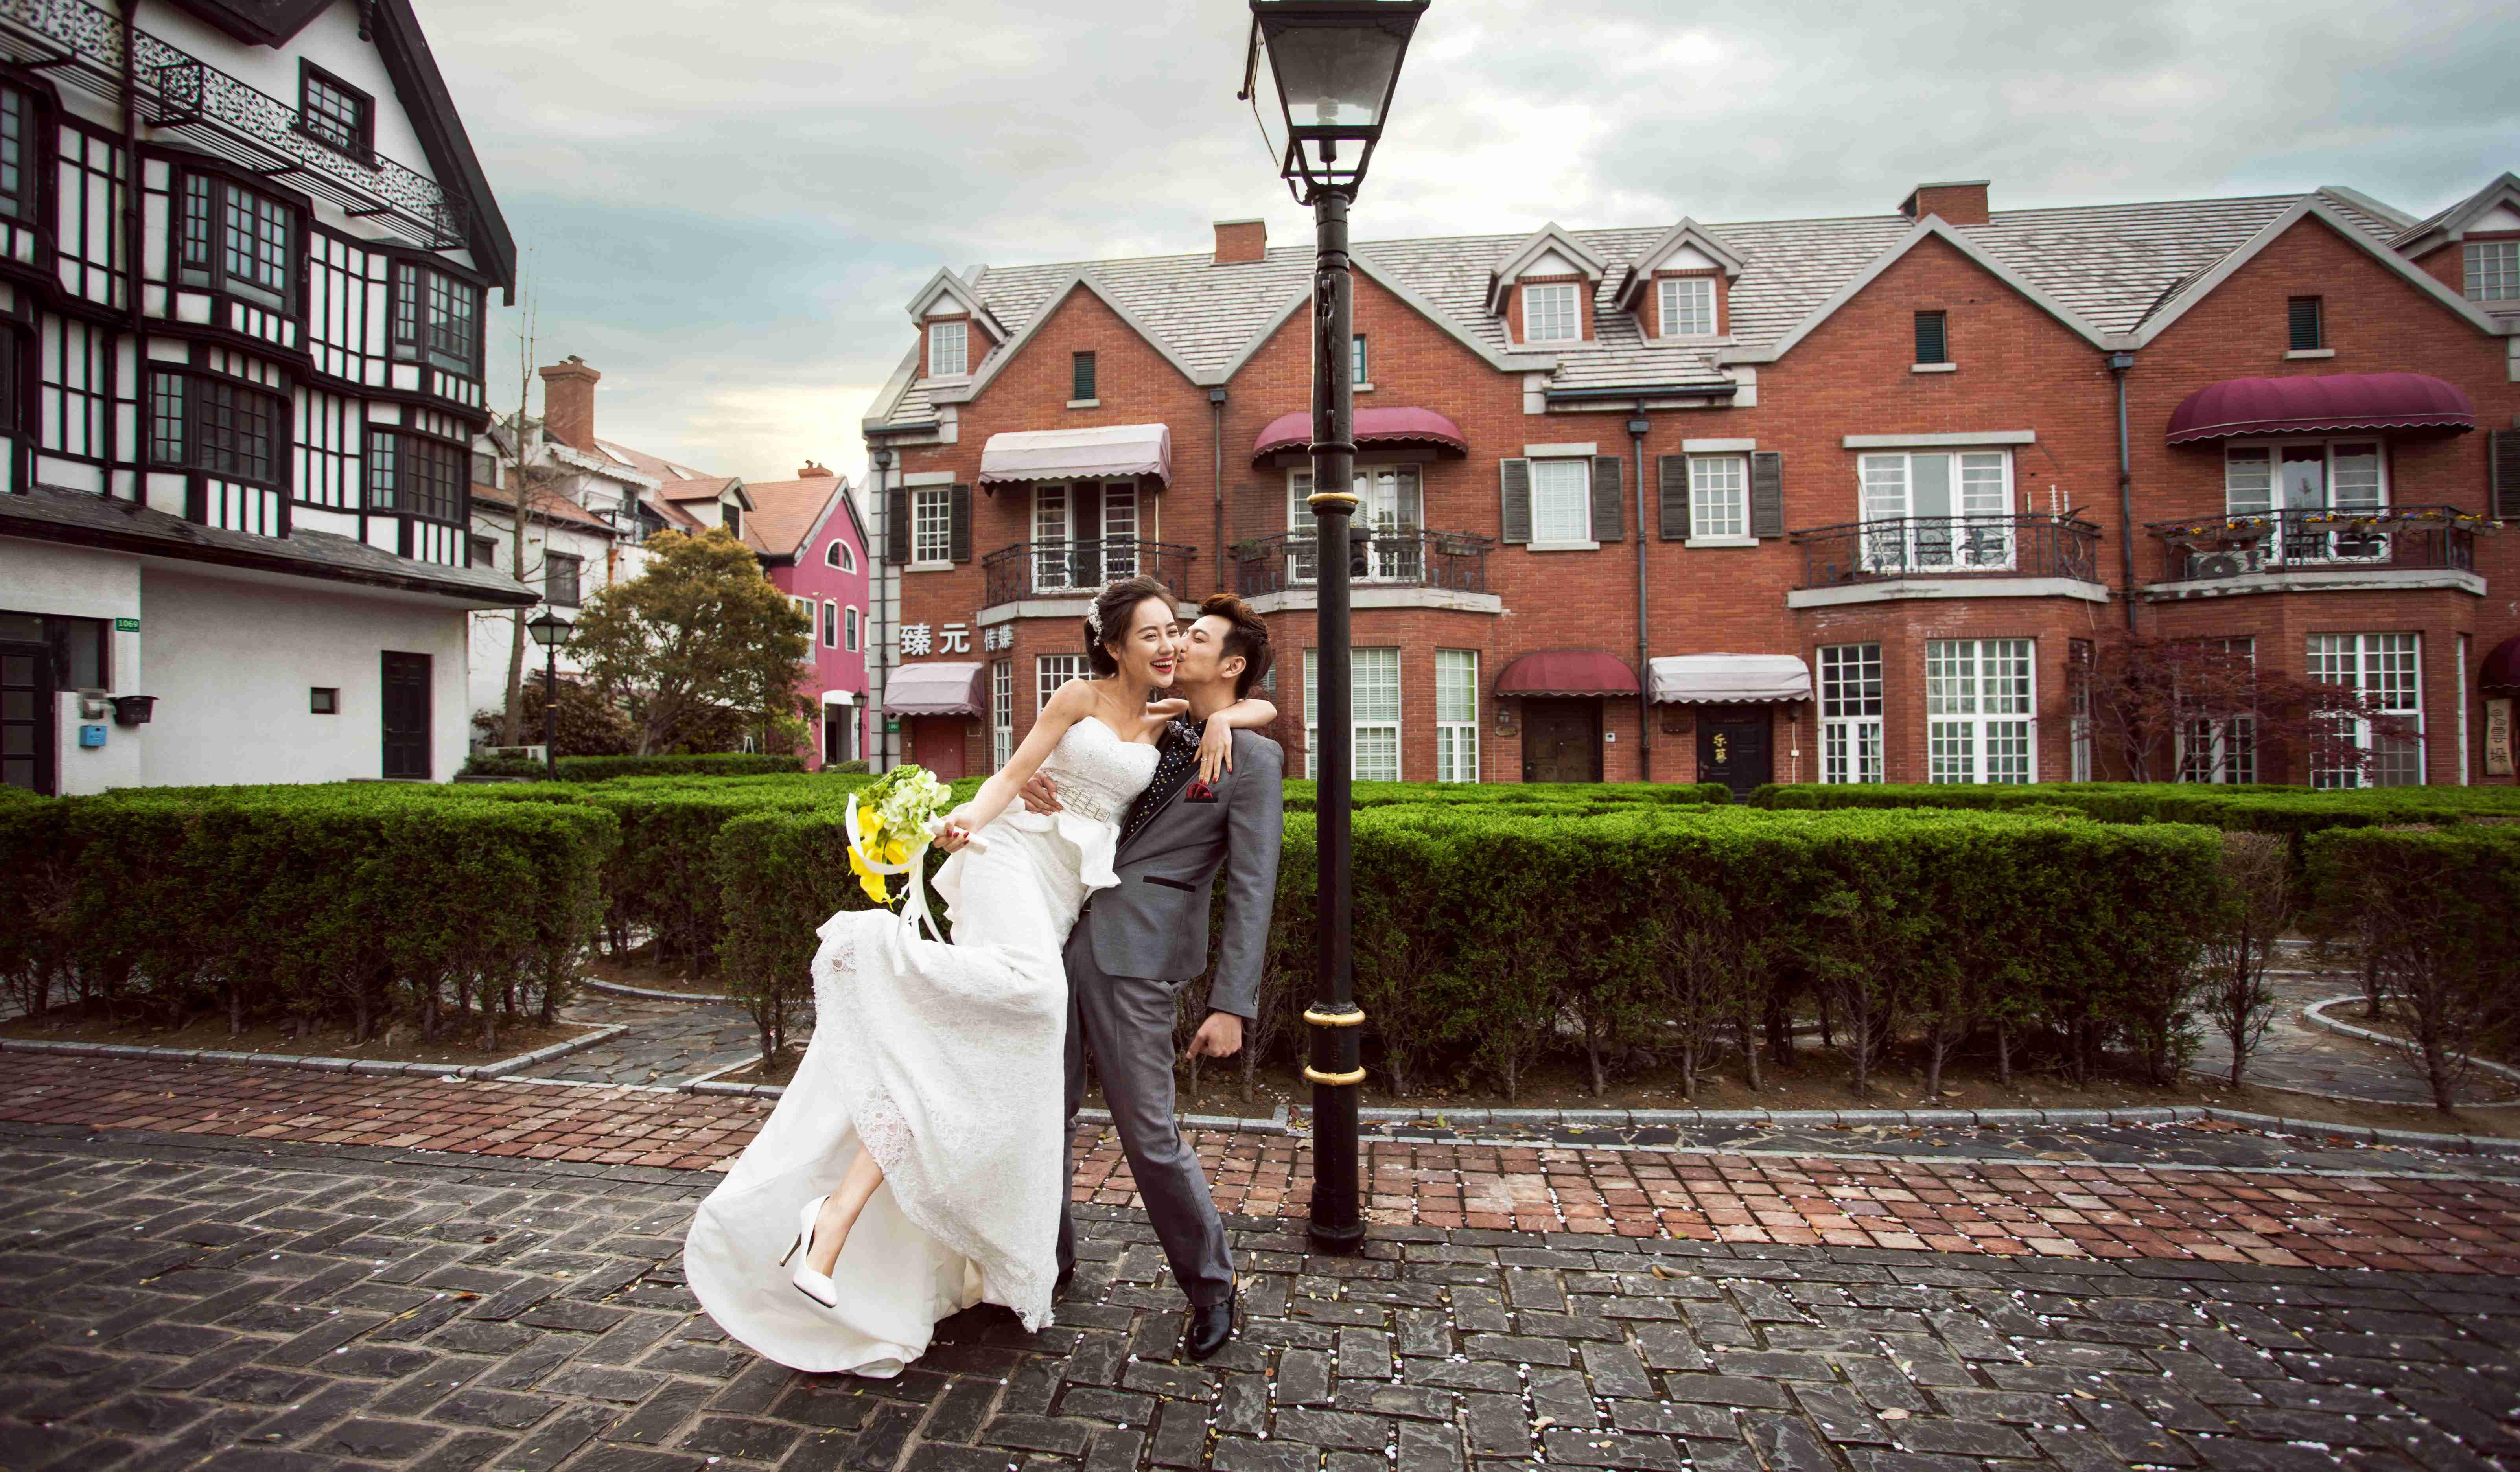 婚车装饰有什么讲究,婚车装饰要注意哪些事情